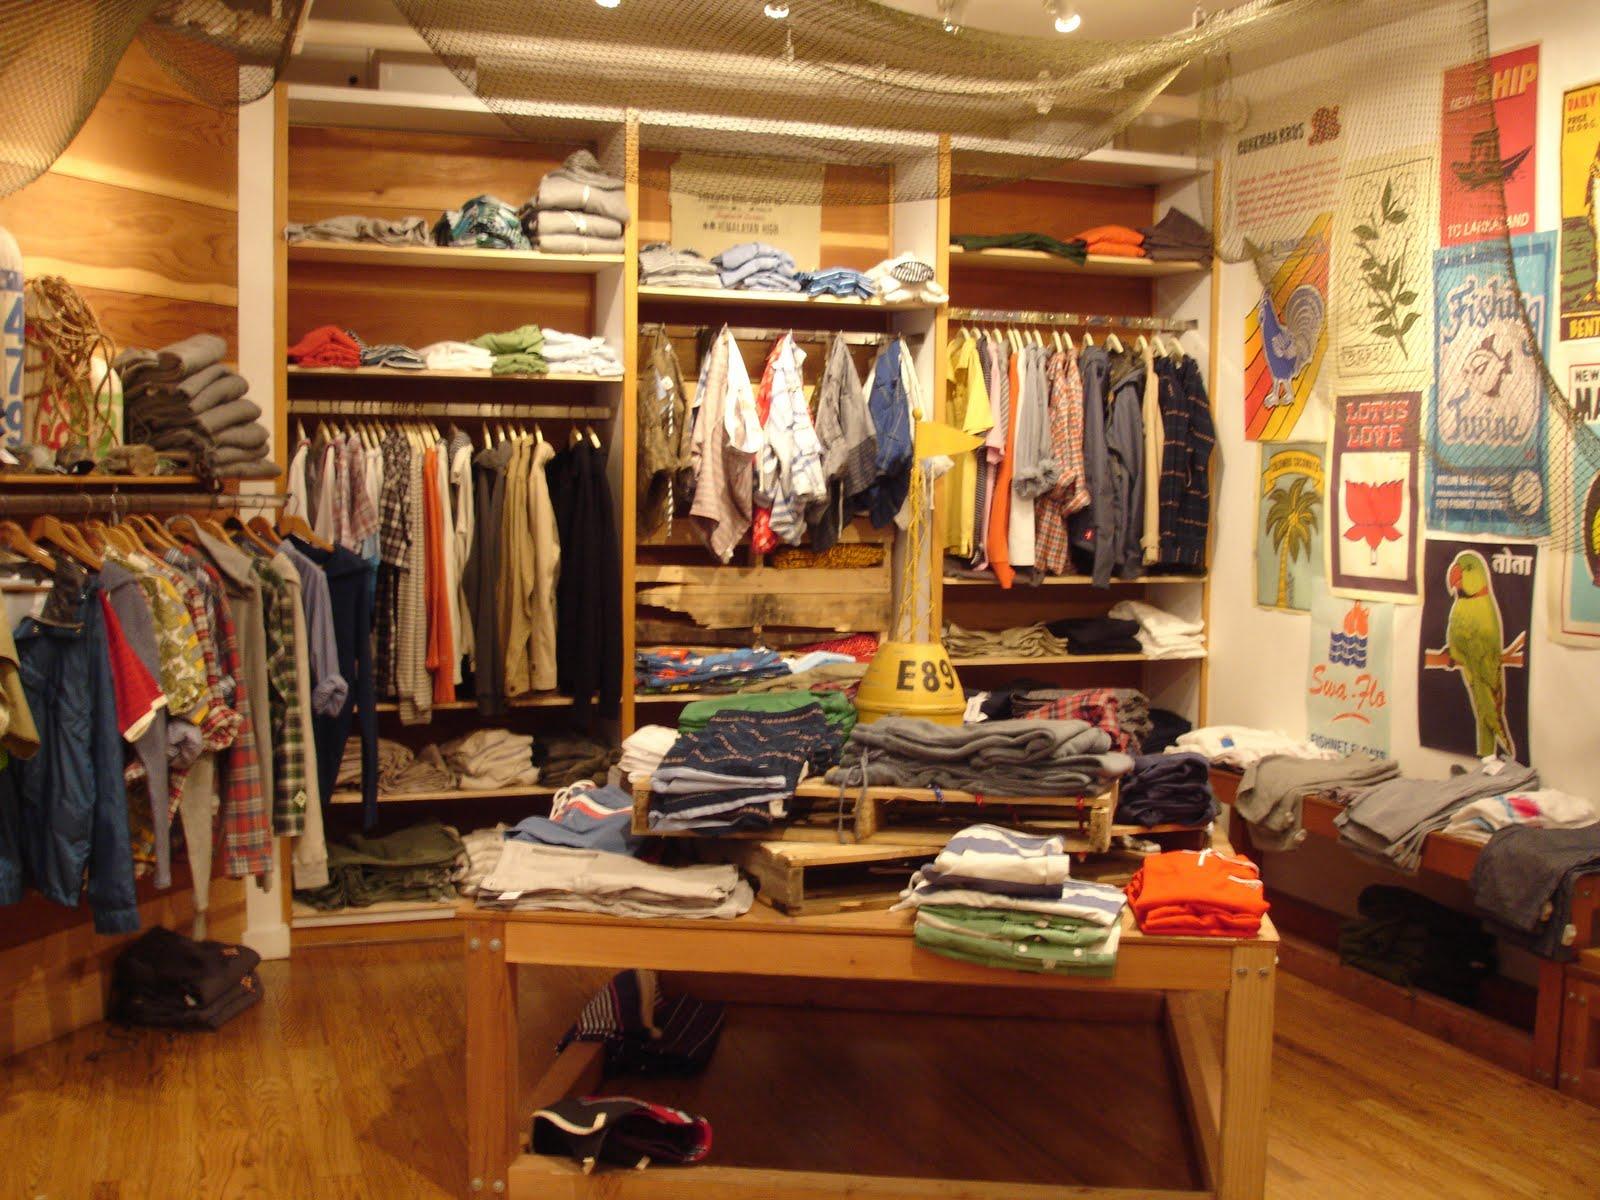 decoracao de interiores lojas:Decoracao de Loja Vintage: Decoracao de Loja Visual Merchandise